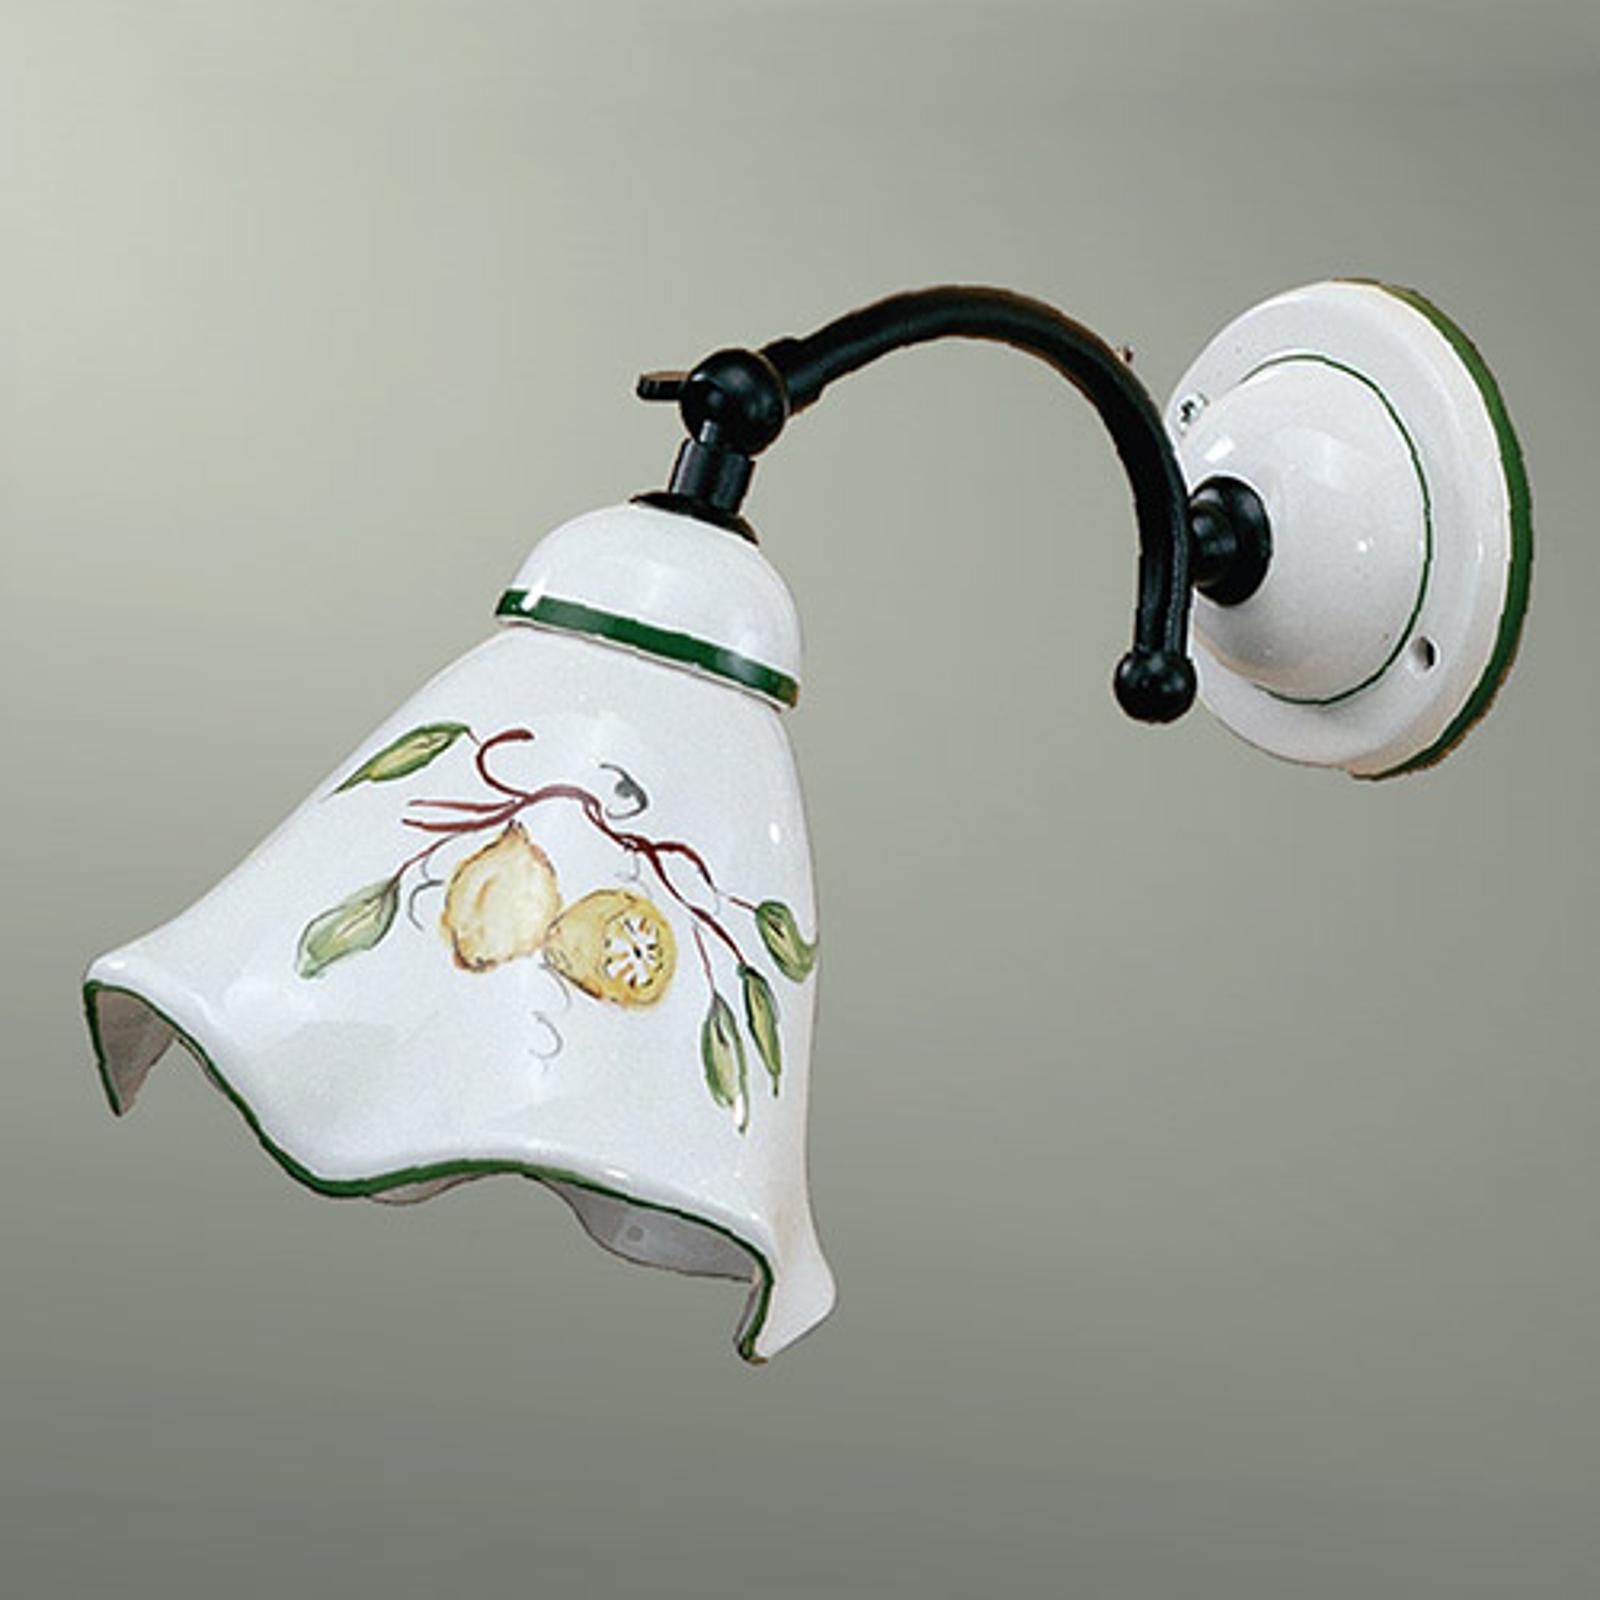 Keramik-Wandleuchte Felicia m. Zitronenmuster